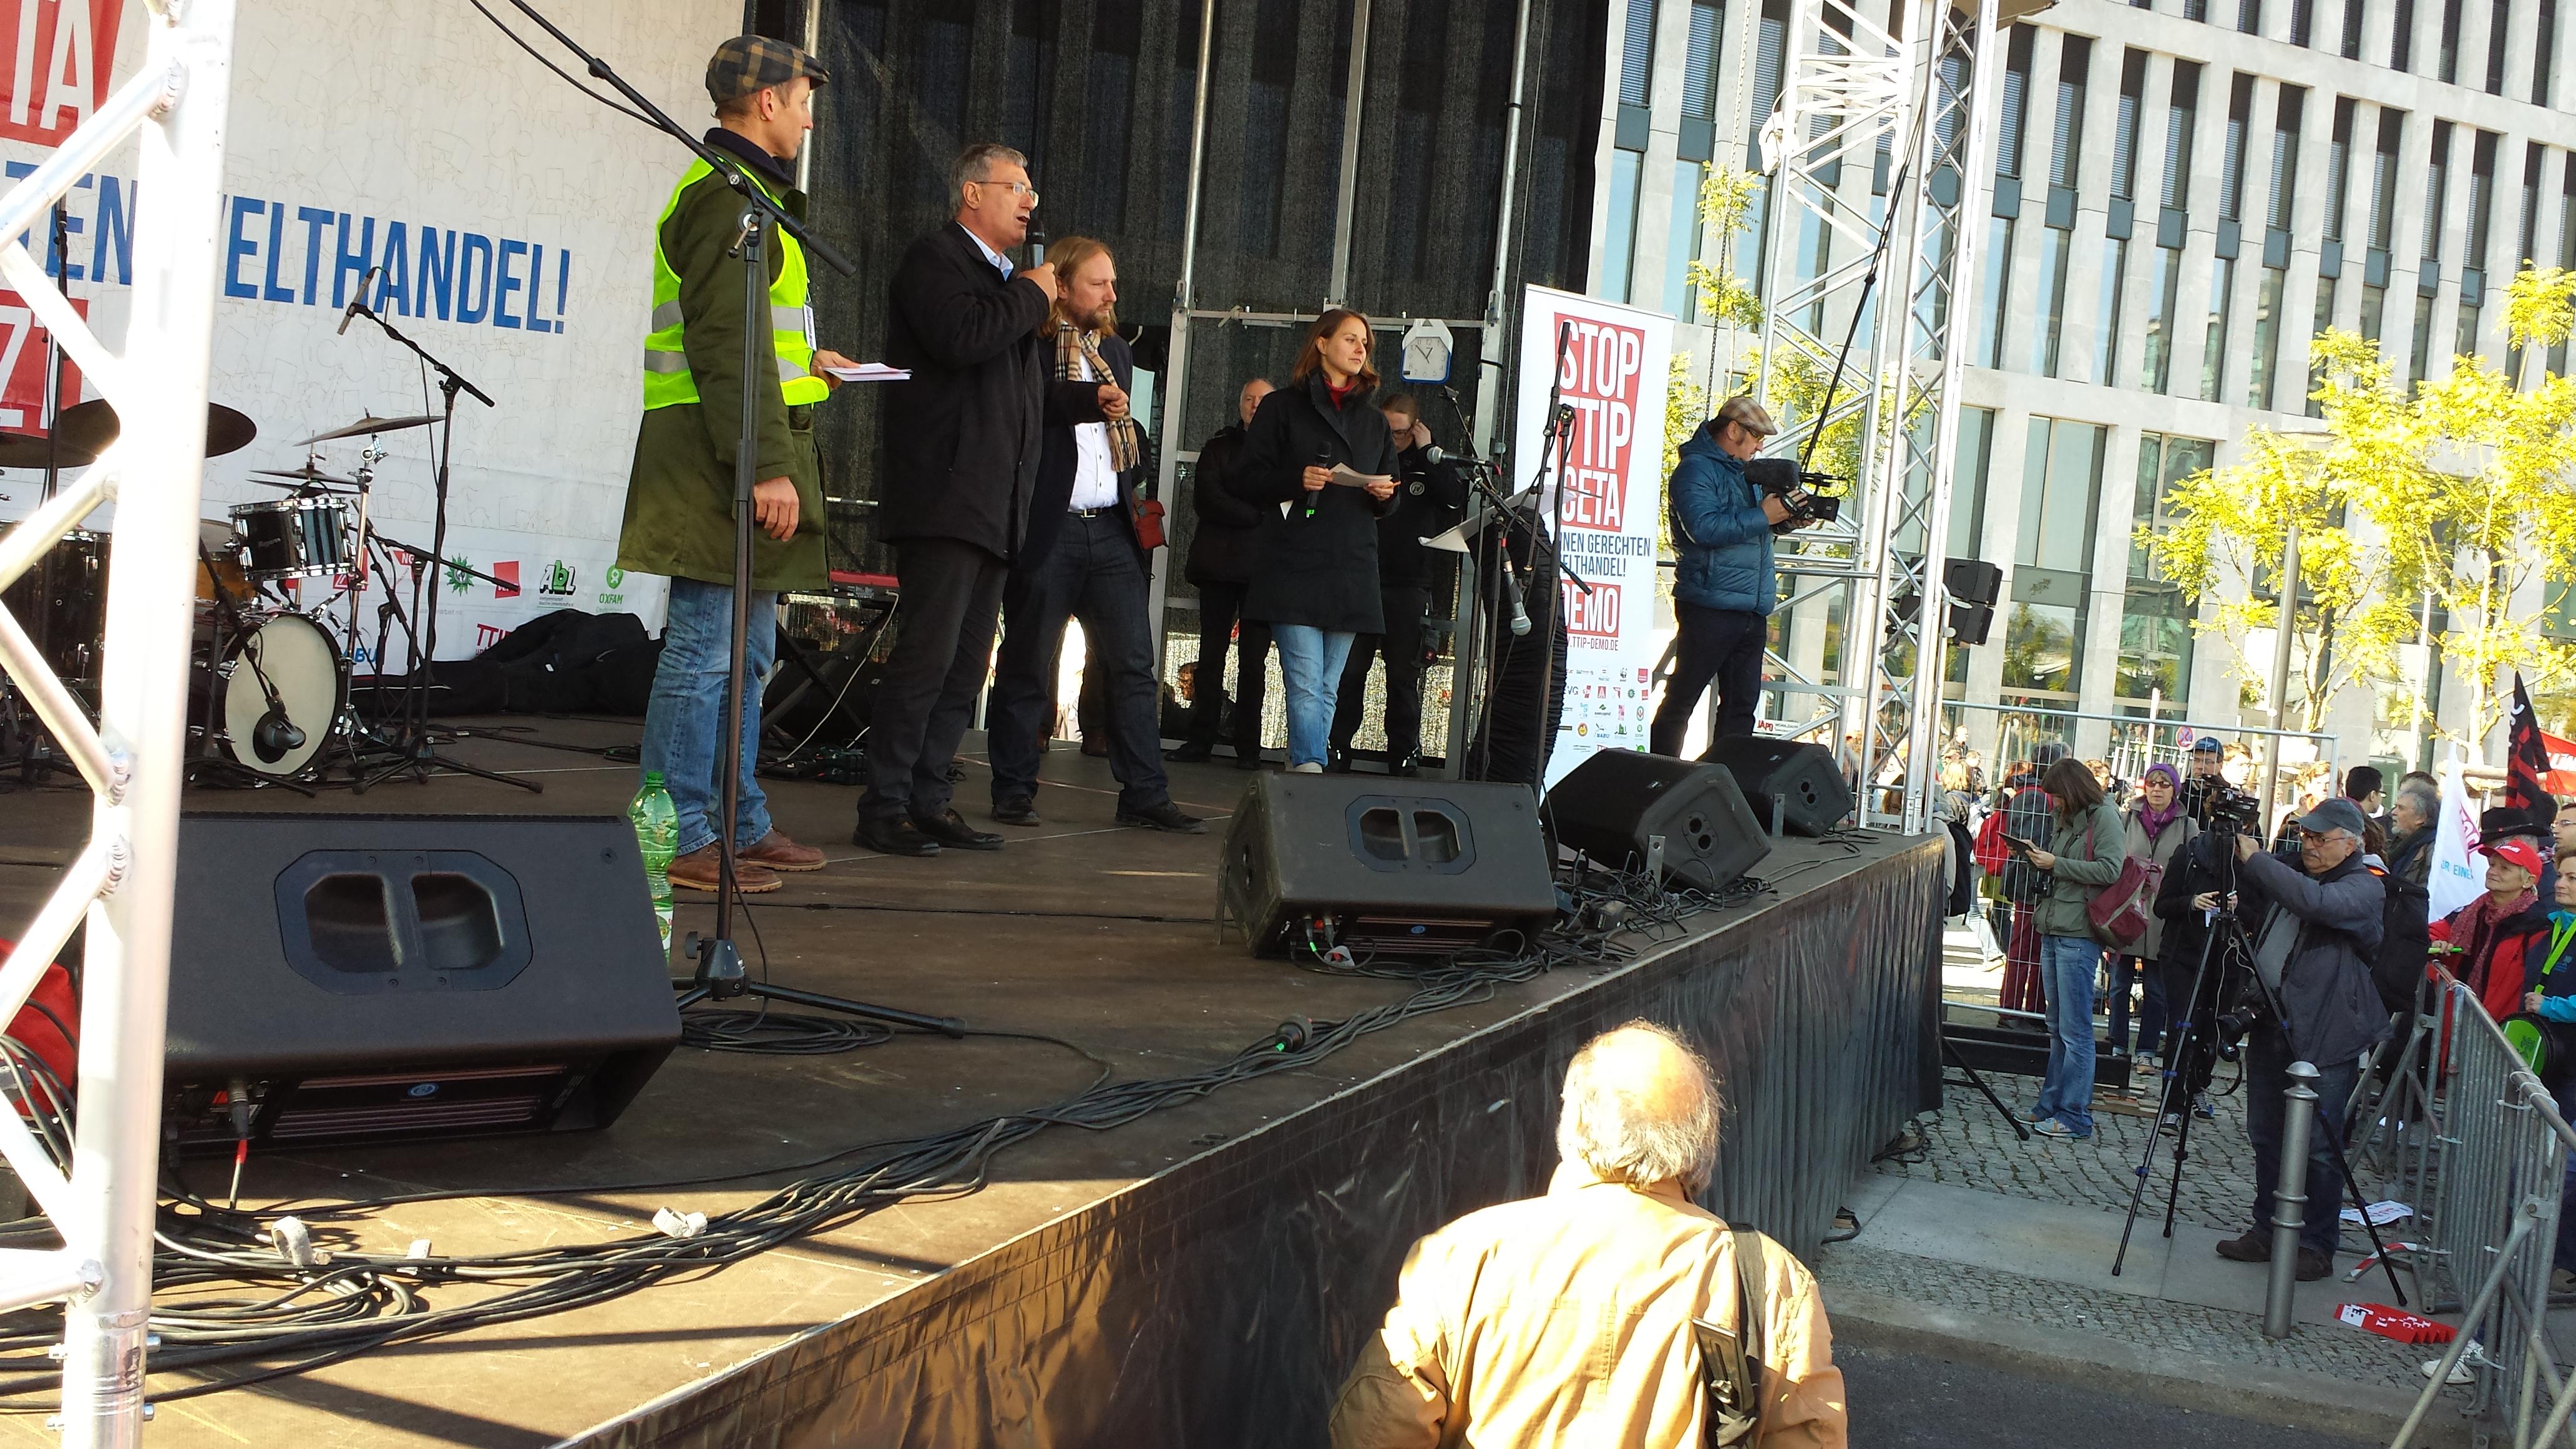 Auf der Seite der Demonstranten am Berliner Hauptbahnhof auch die Politiker Bernd Riexinger und Anton Hofreiter.